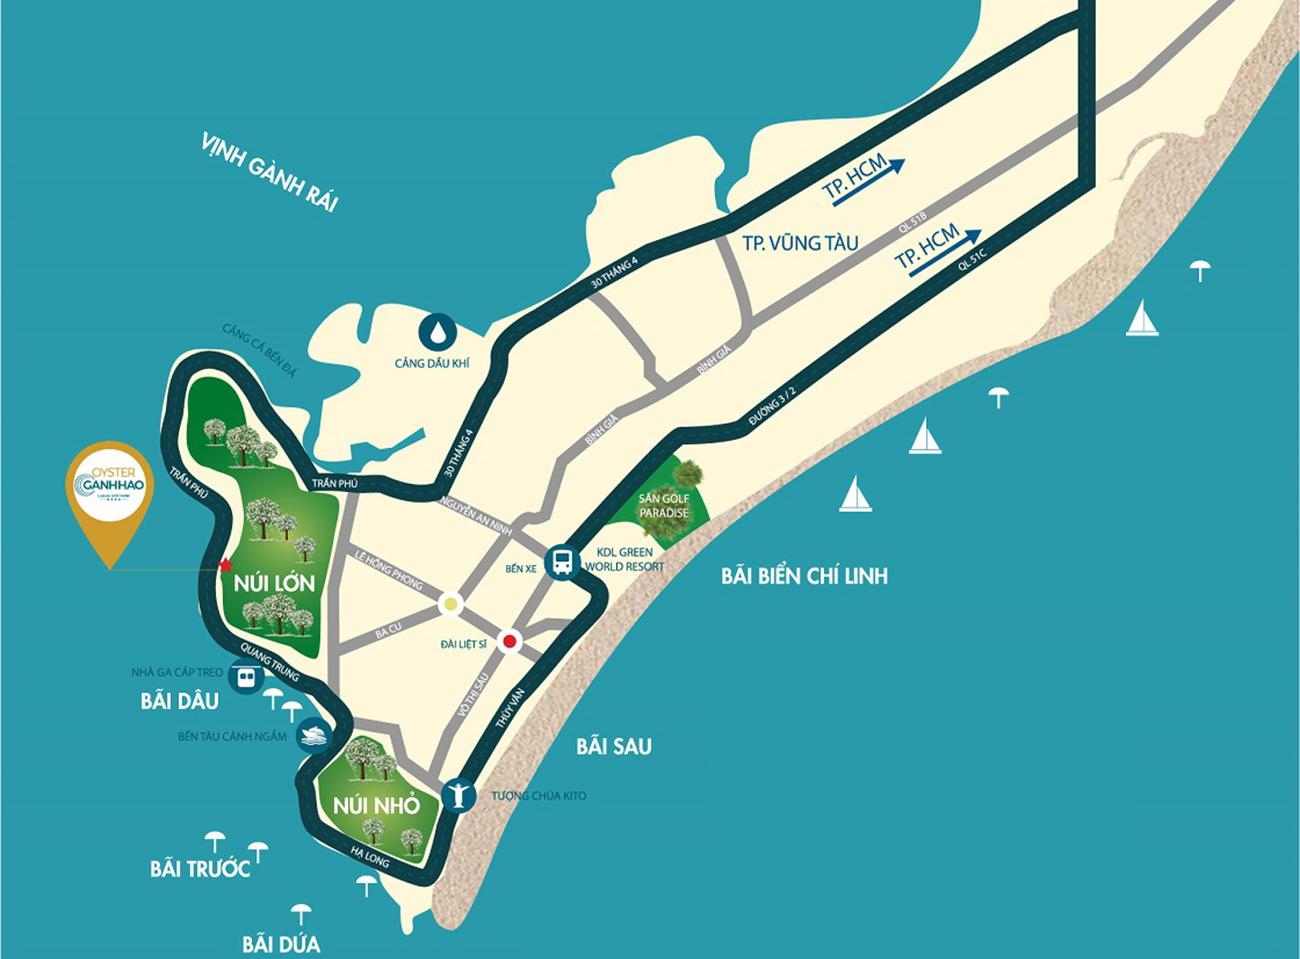 Vị trí địa chỉ dự án căn hộ condotel Oyster Gành Hào đường Trần Phú Vũng Tàu